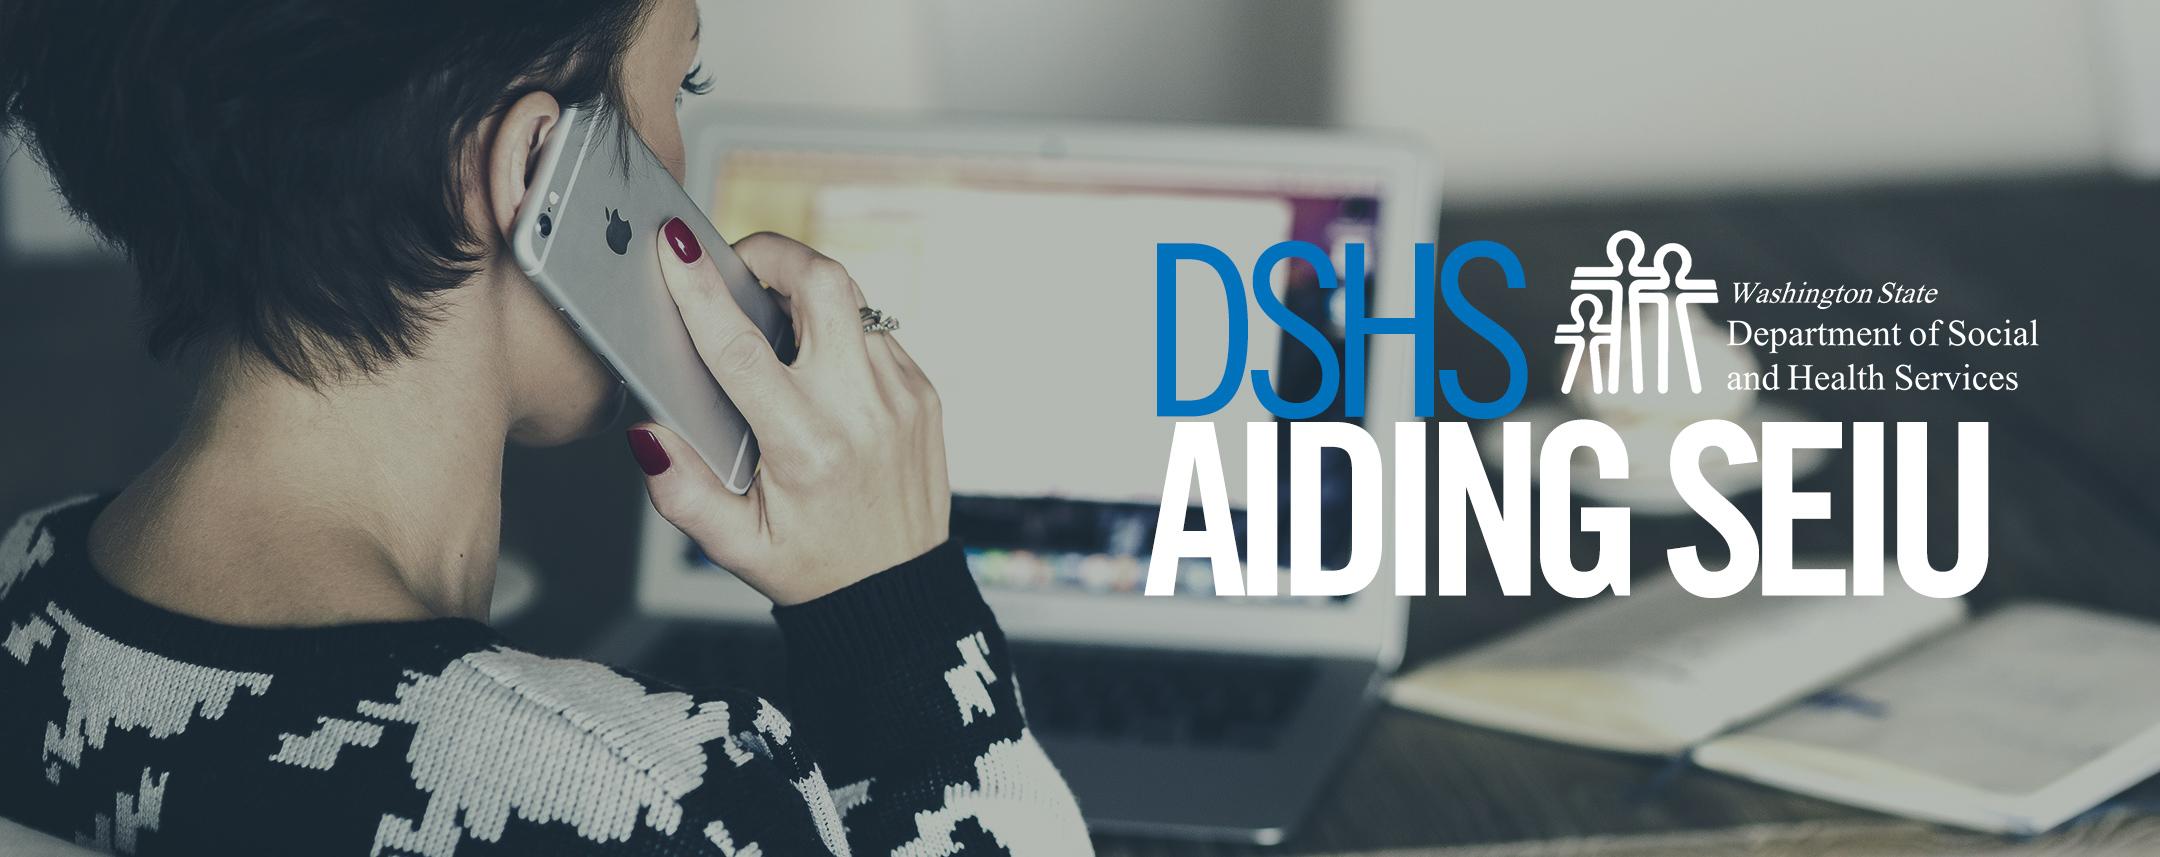 DSHS-aiding-SEIU-FEATURED.jpg